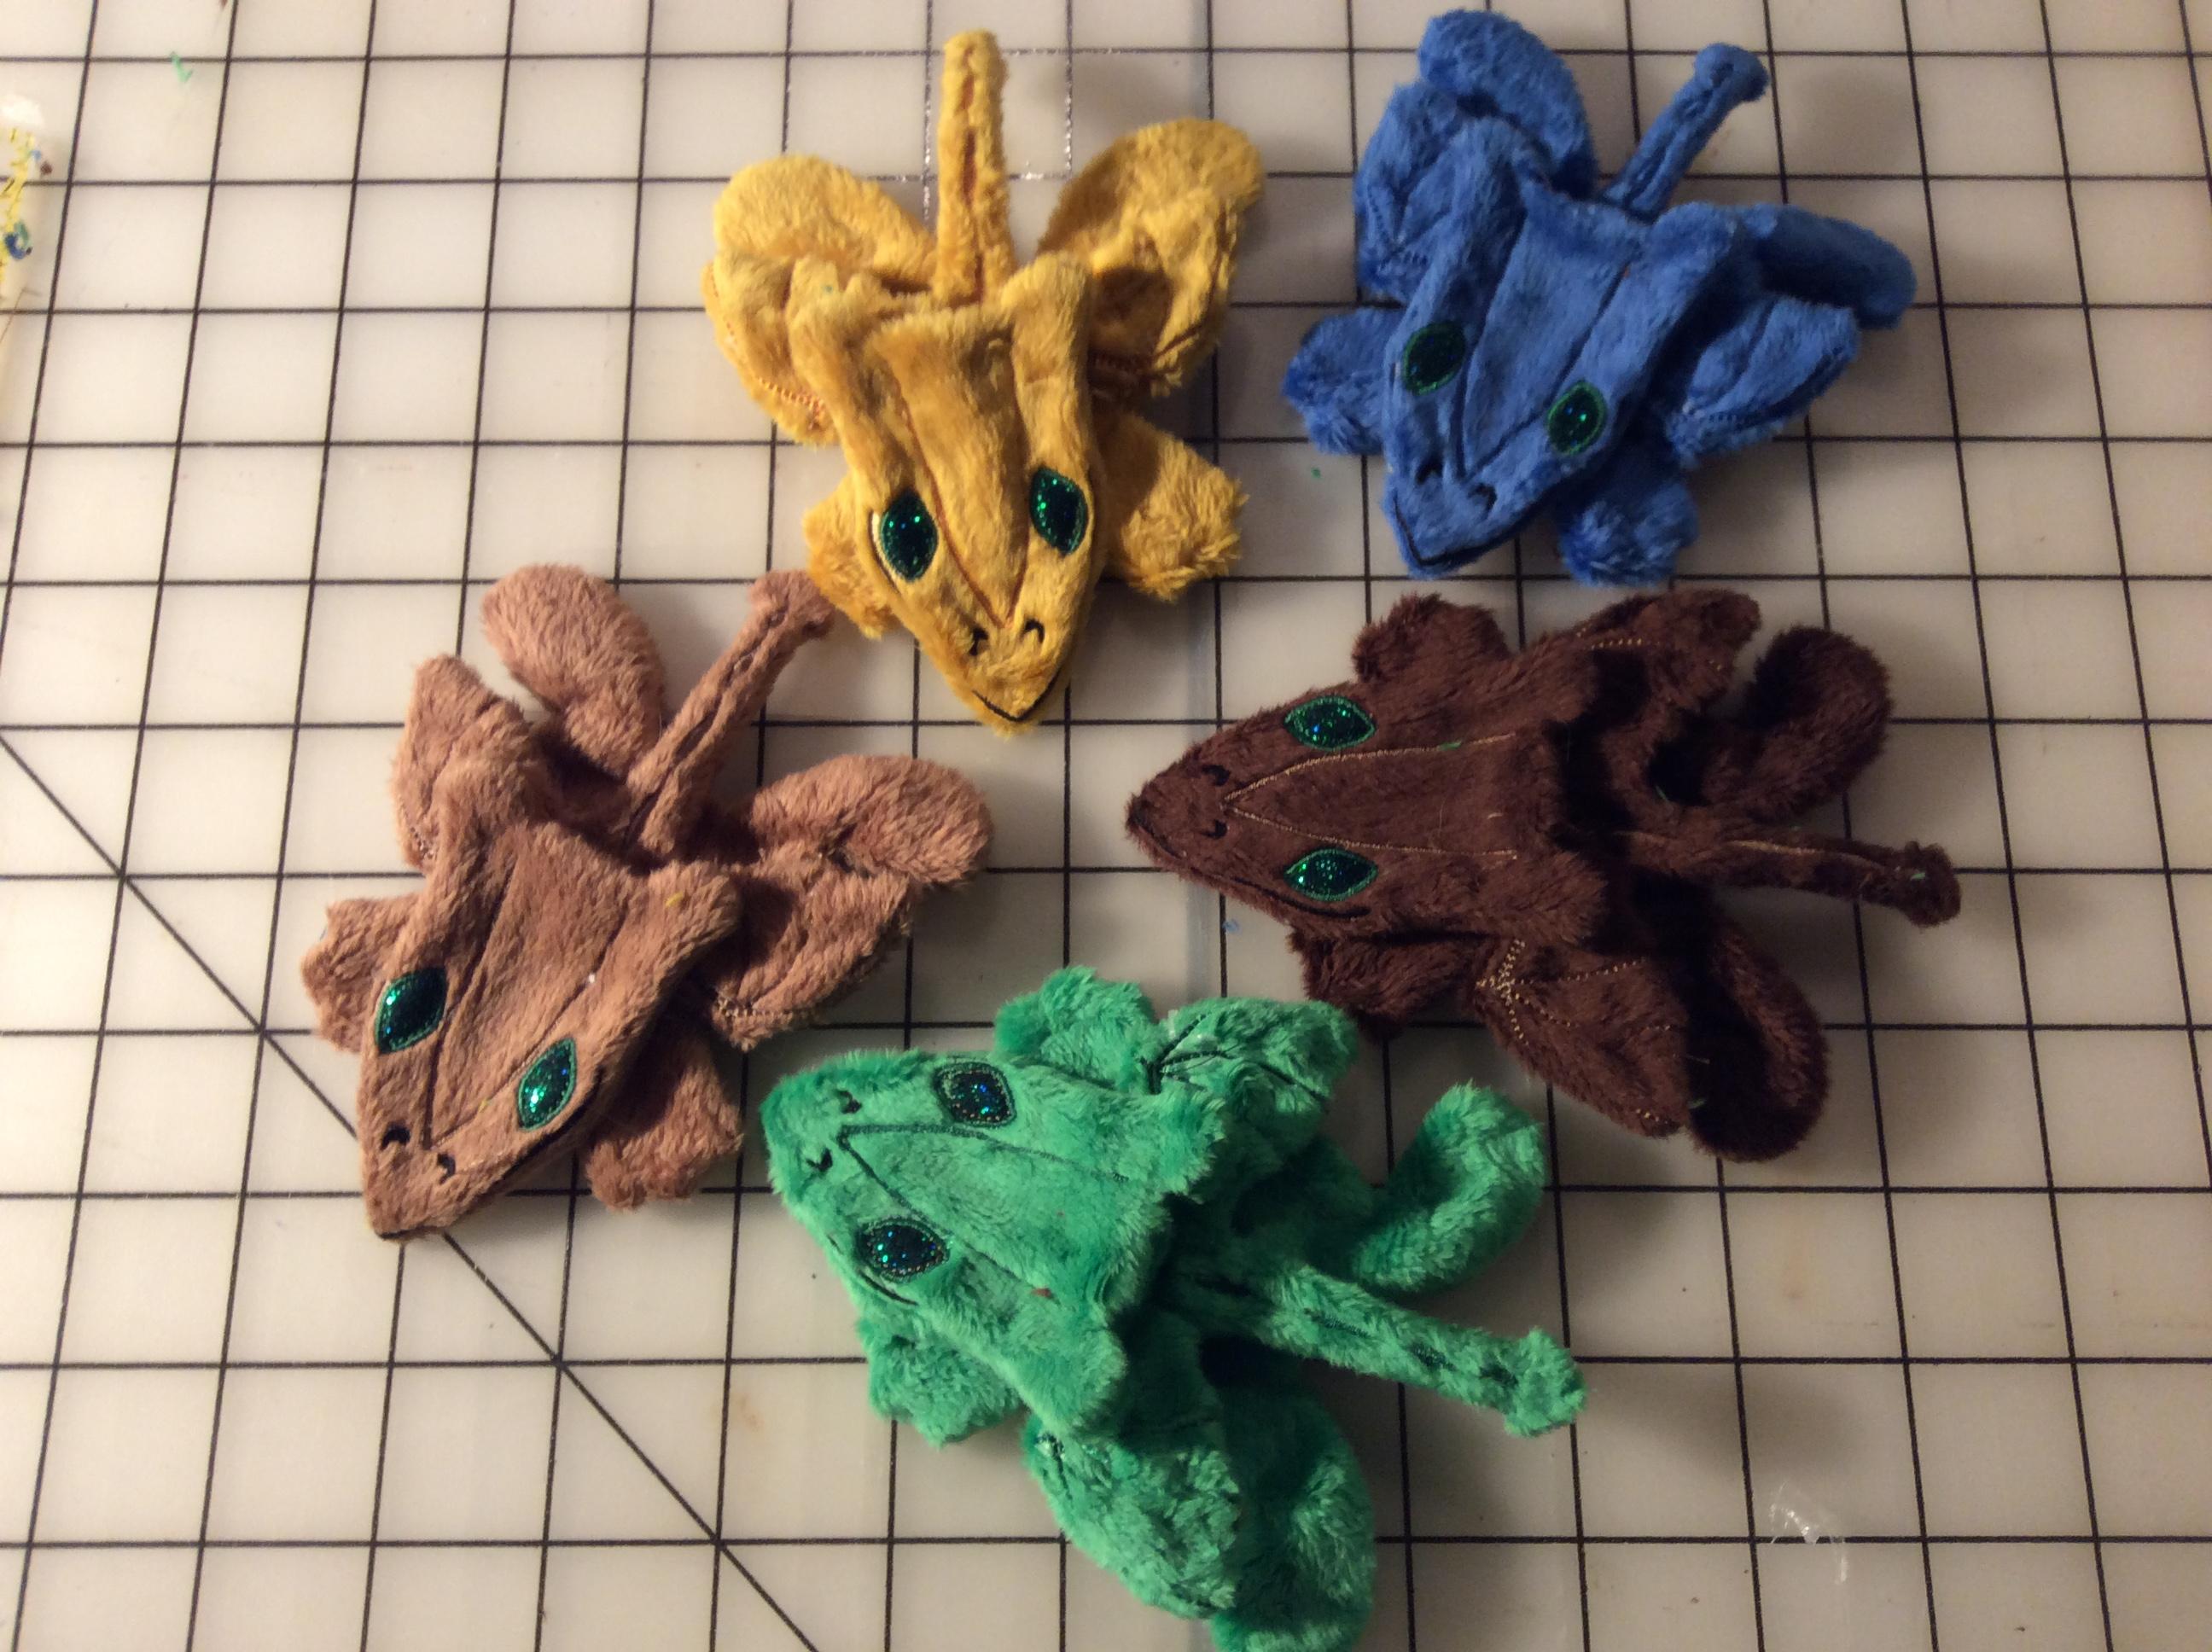 Five plush dragons, awaiting stuffing.